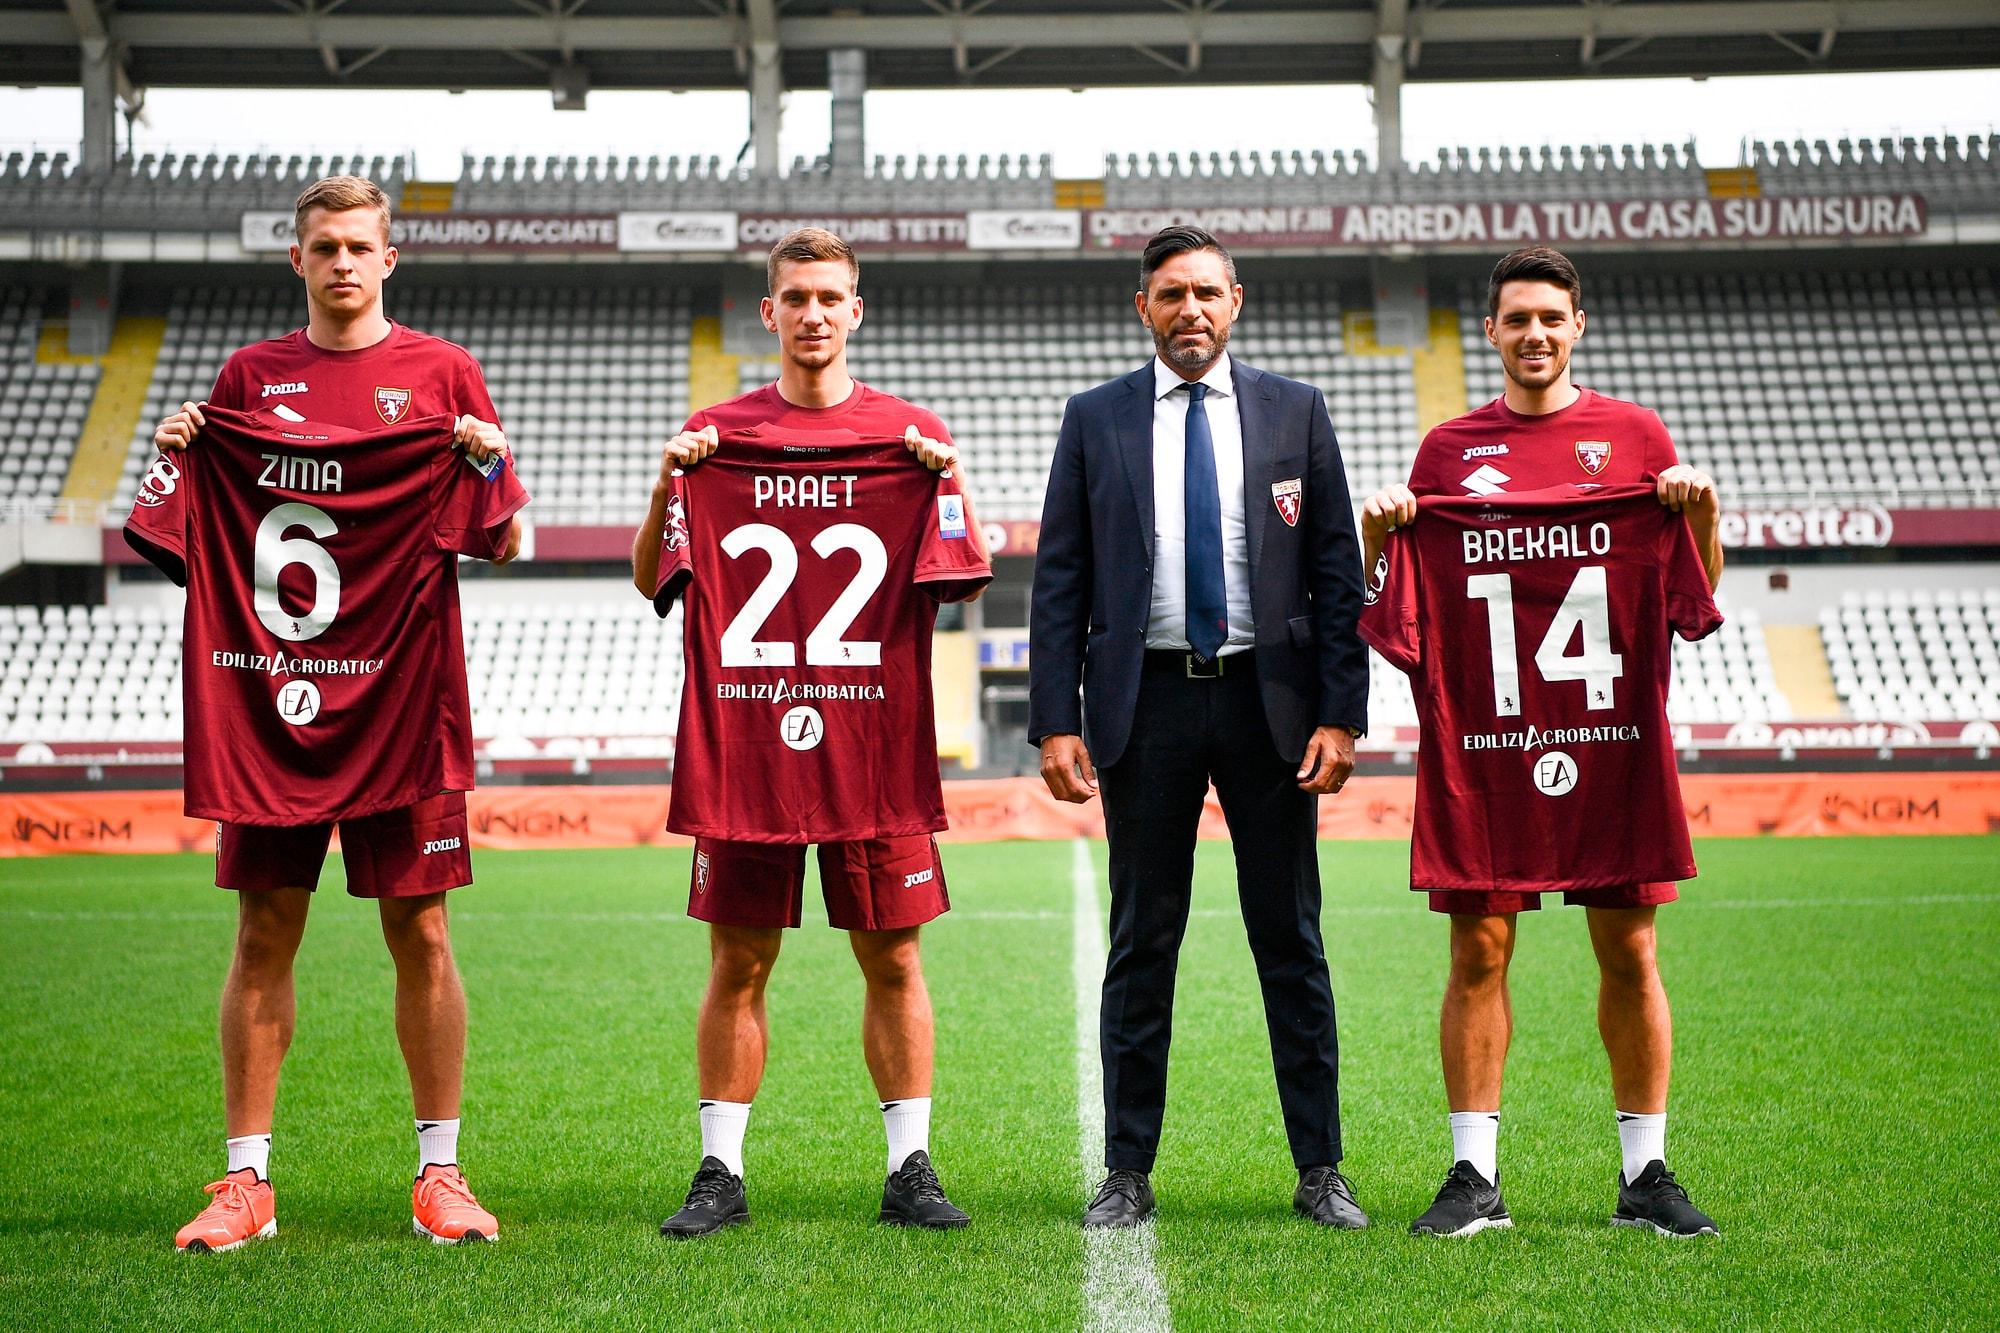 Il Torino presenta Brekalo, Praet e Zima